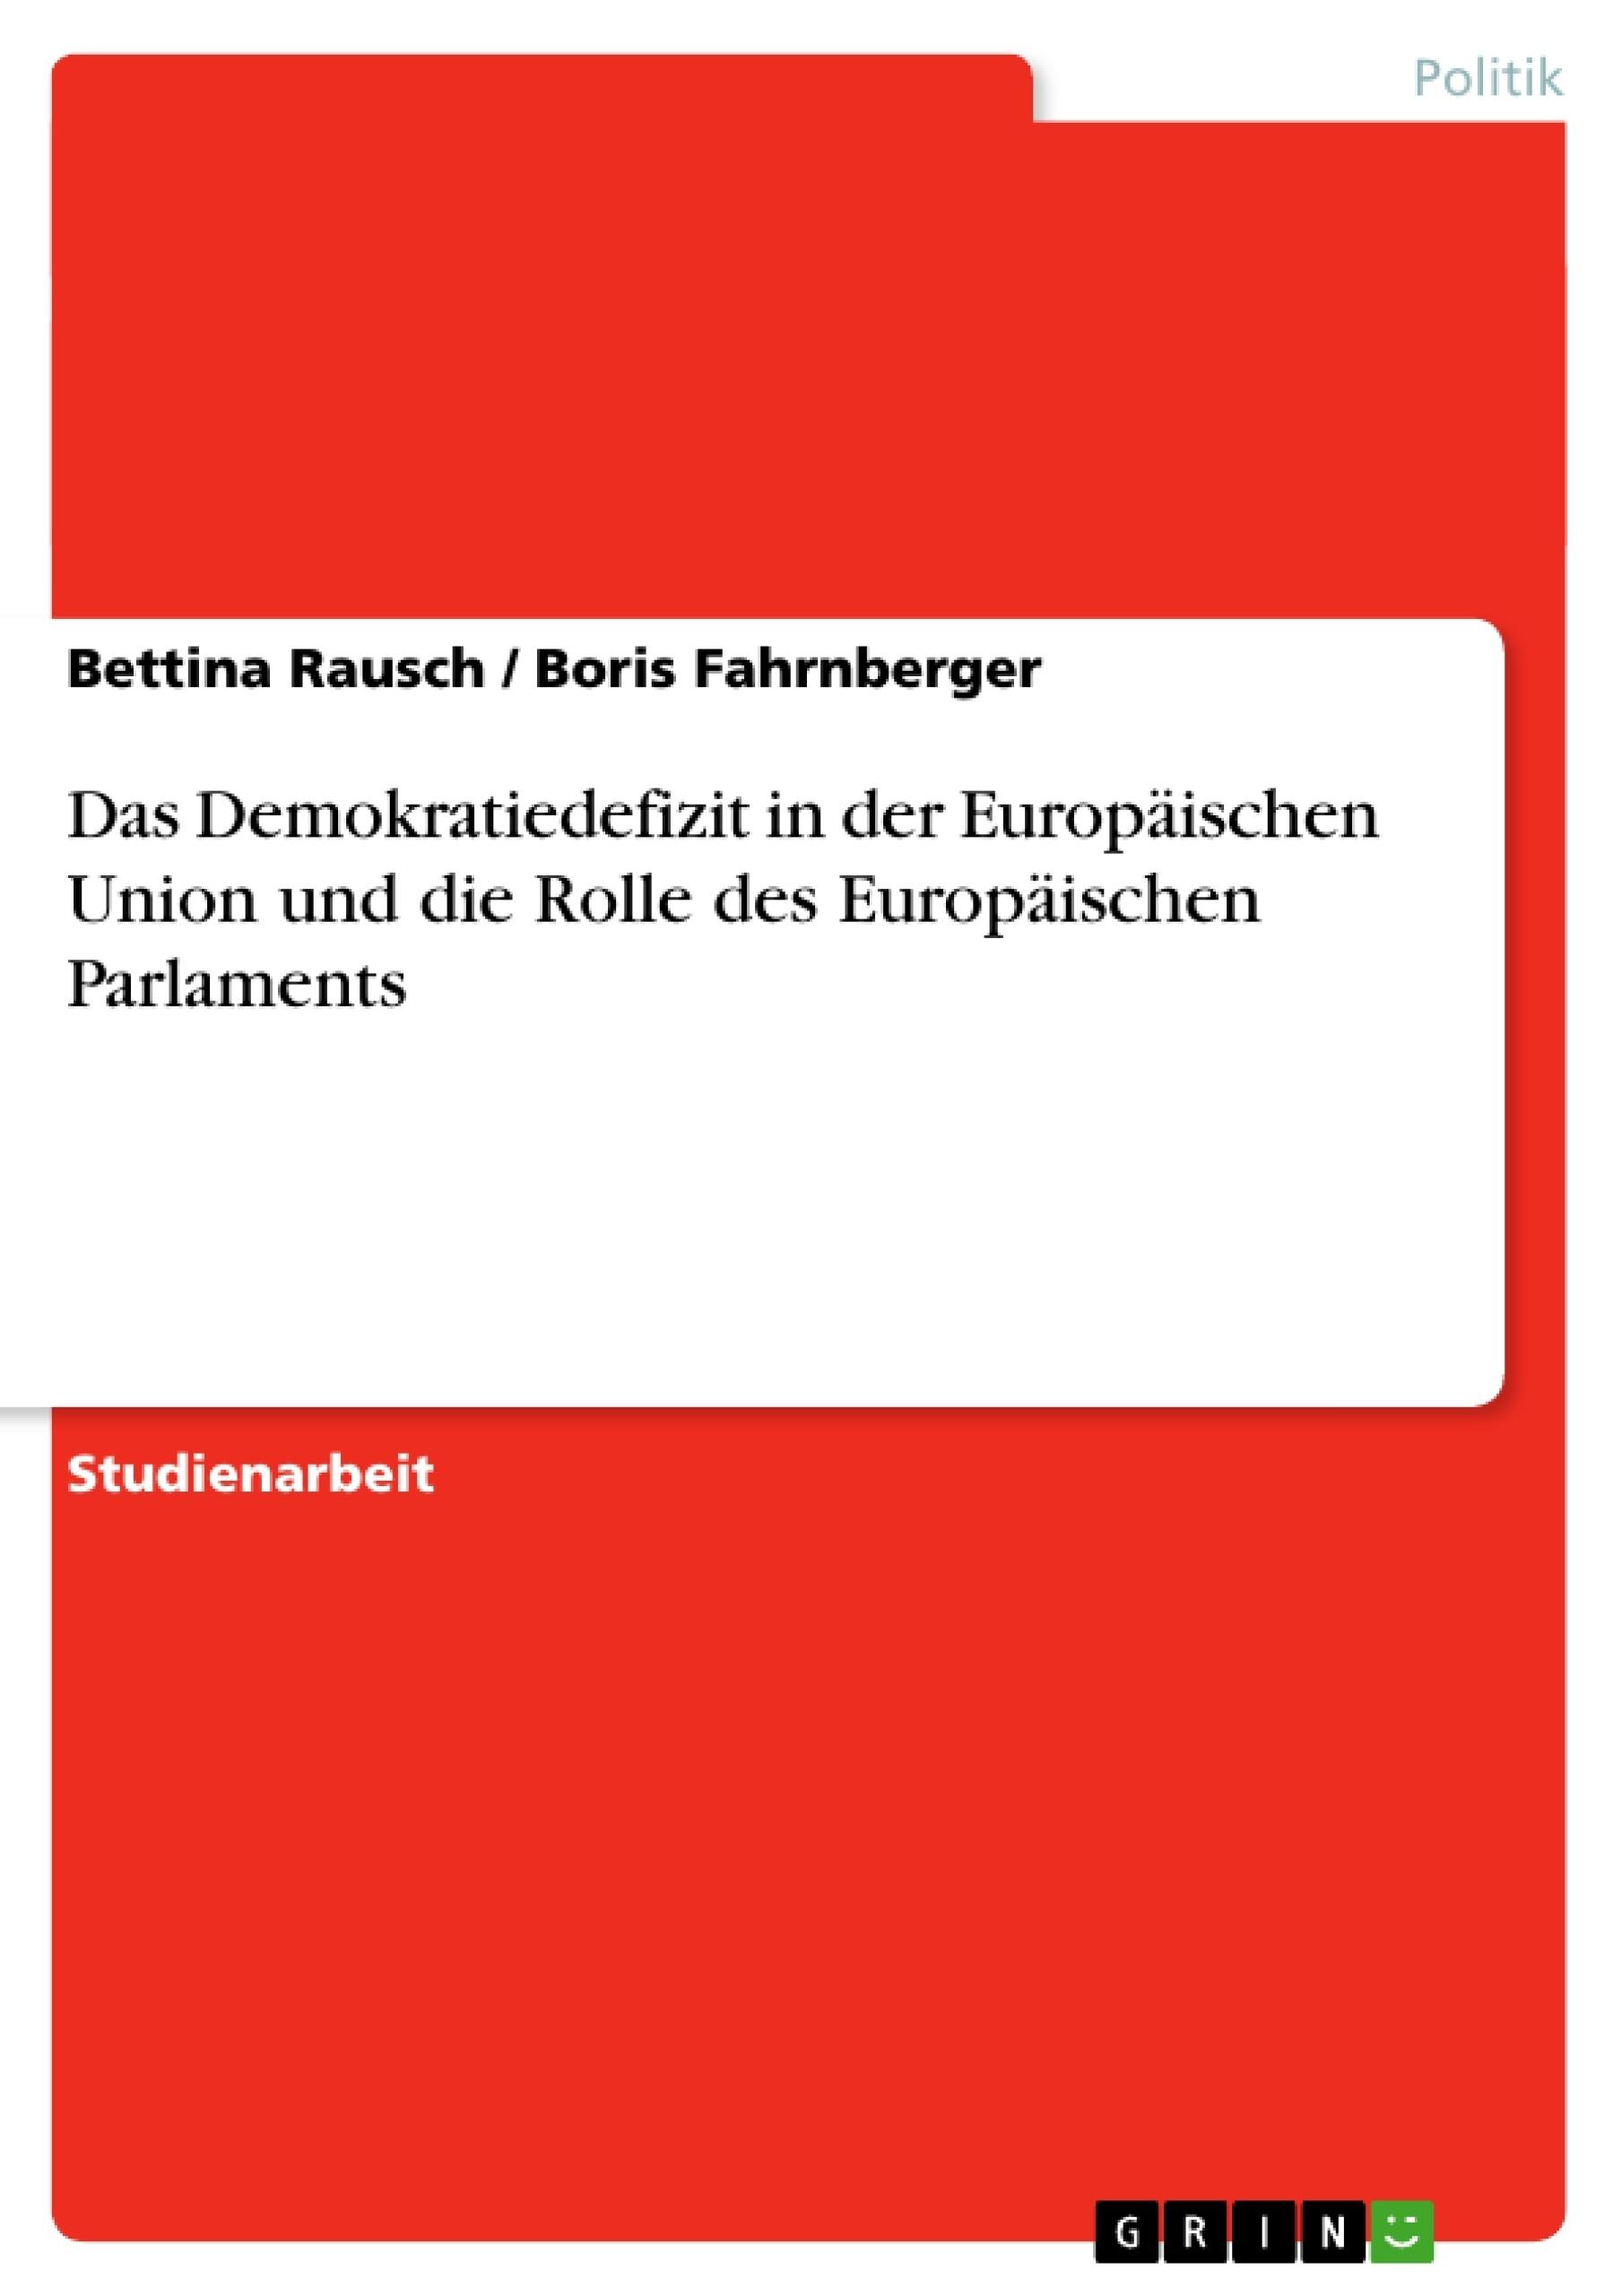 Titel: Das Demokratiedefizit in der Europäischen Union und die Rolle des Europäischen Parlaments